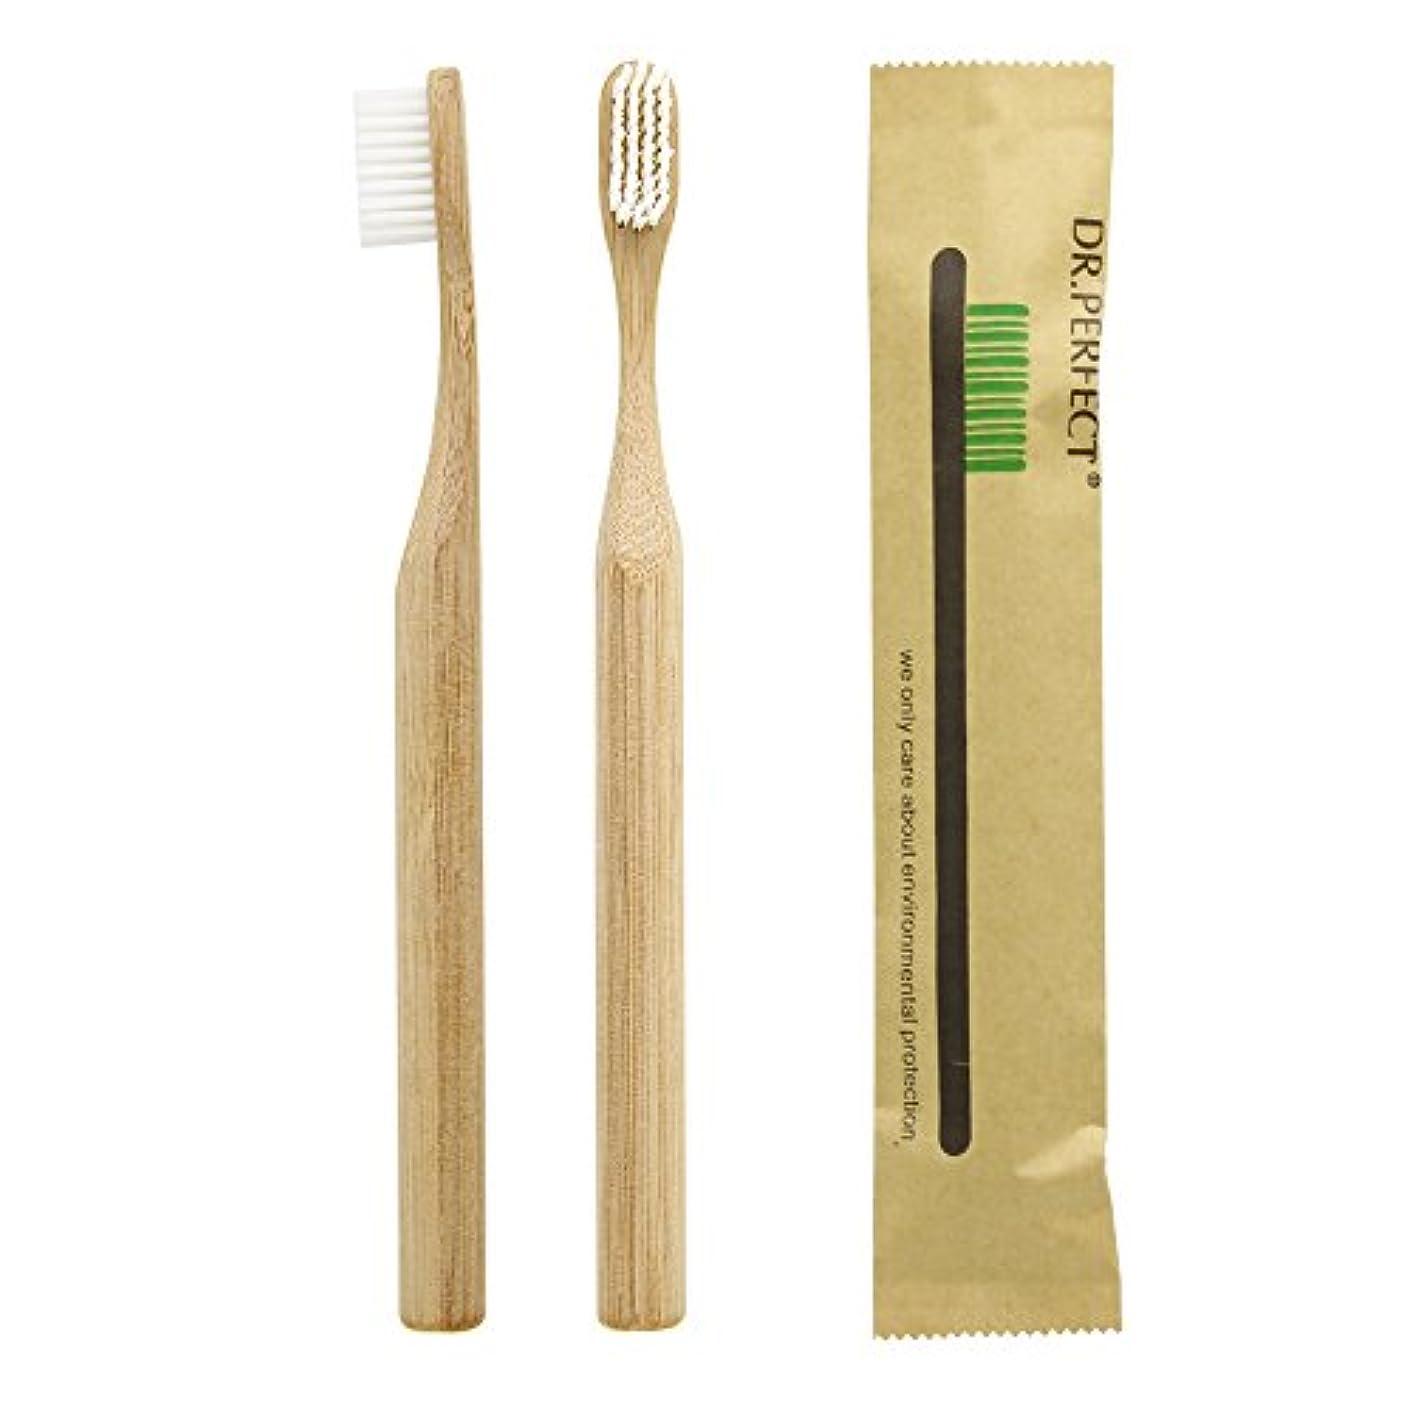 スポーツの試合を担当している人いつか苦味Dr.Perfect Bamboo Toothbrush アダルト竹の歯ブラシ ナイロン毛 環境にやさしい製品 (ホワイト)